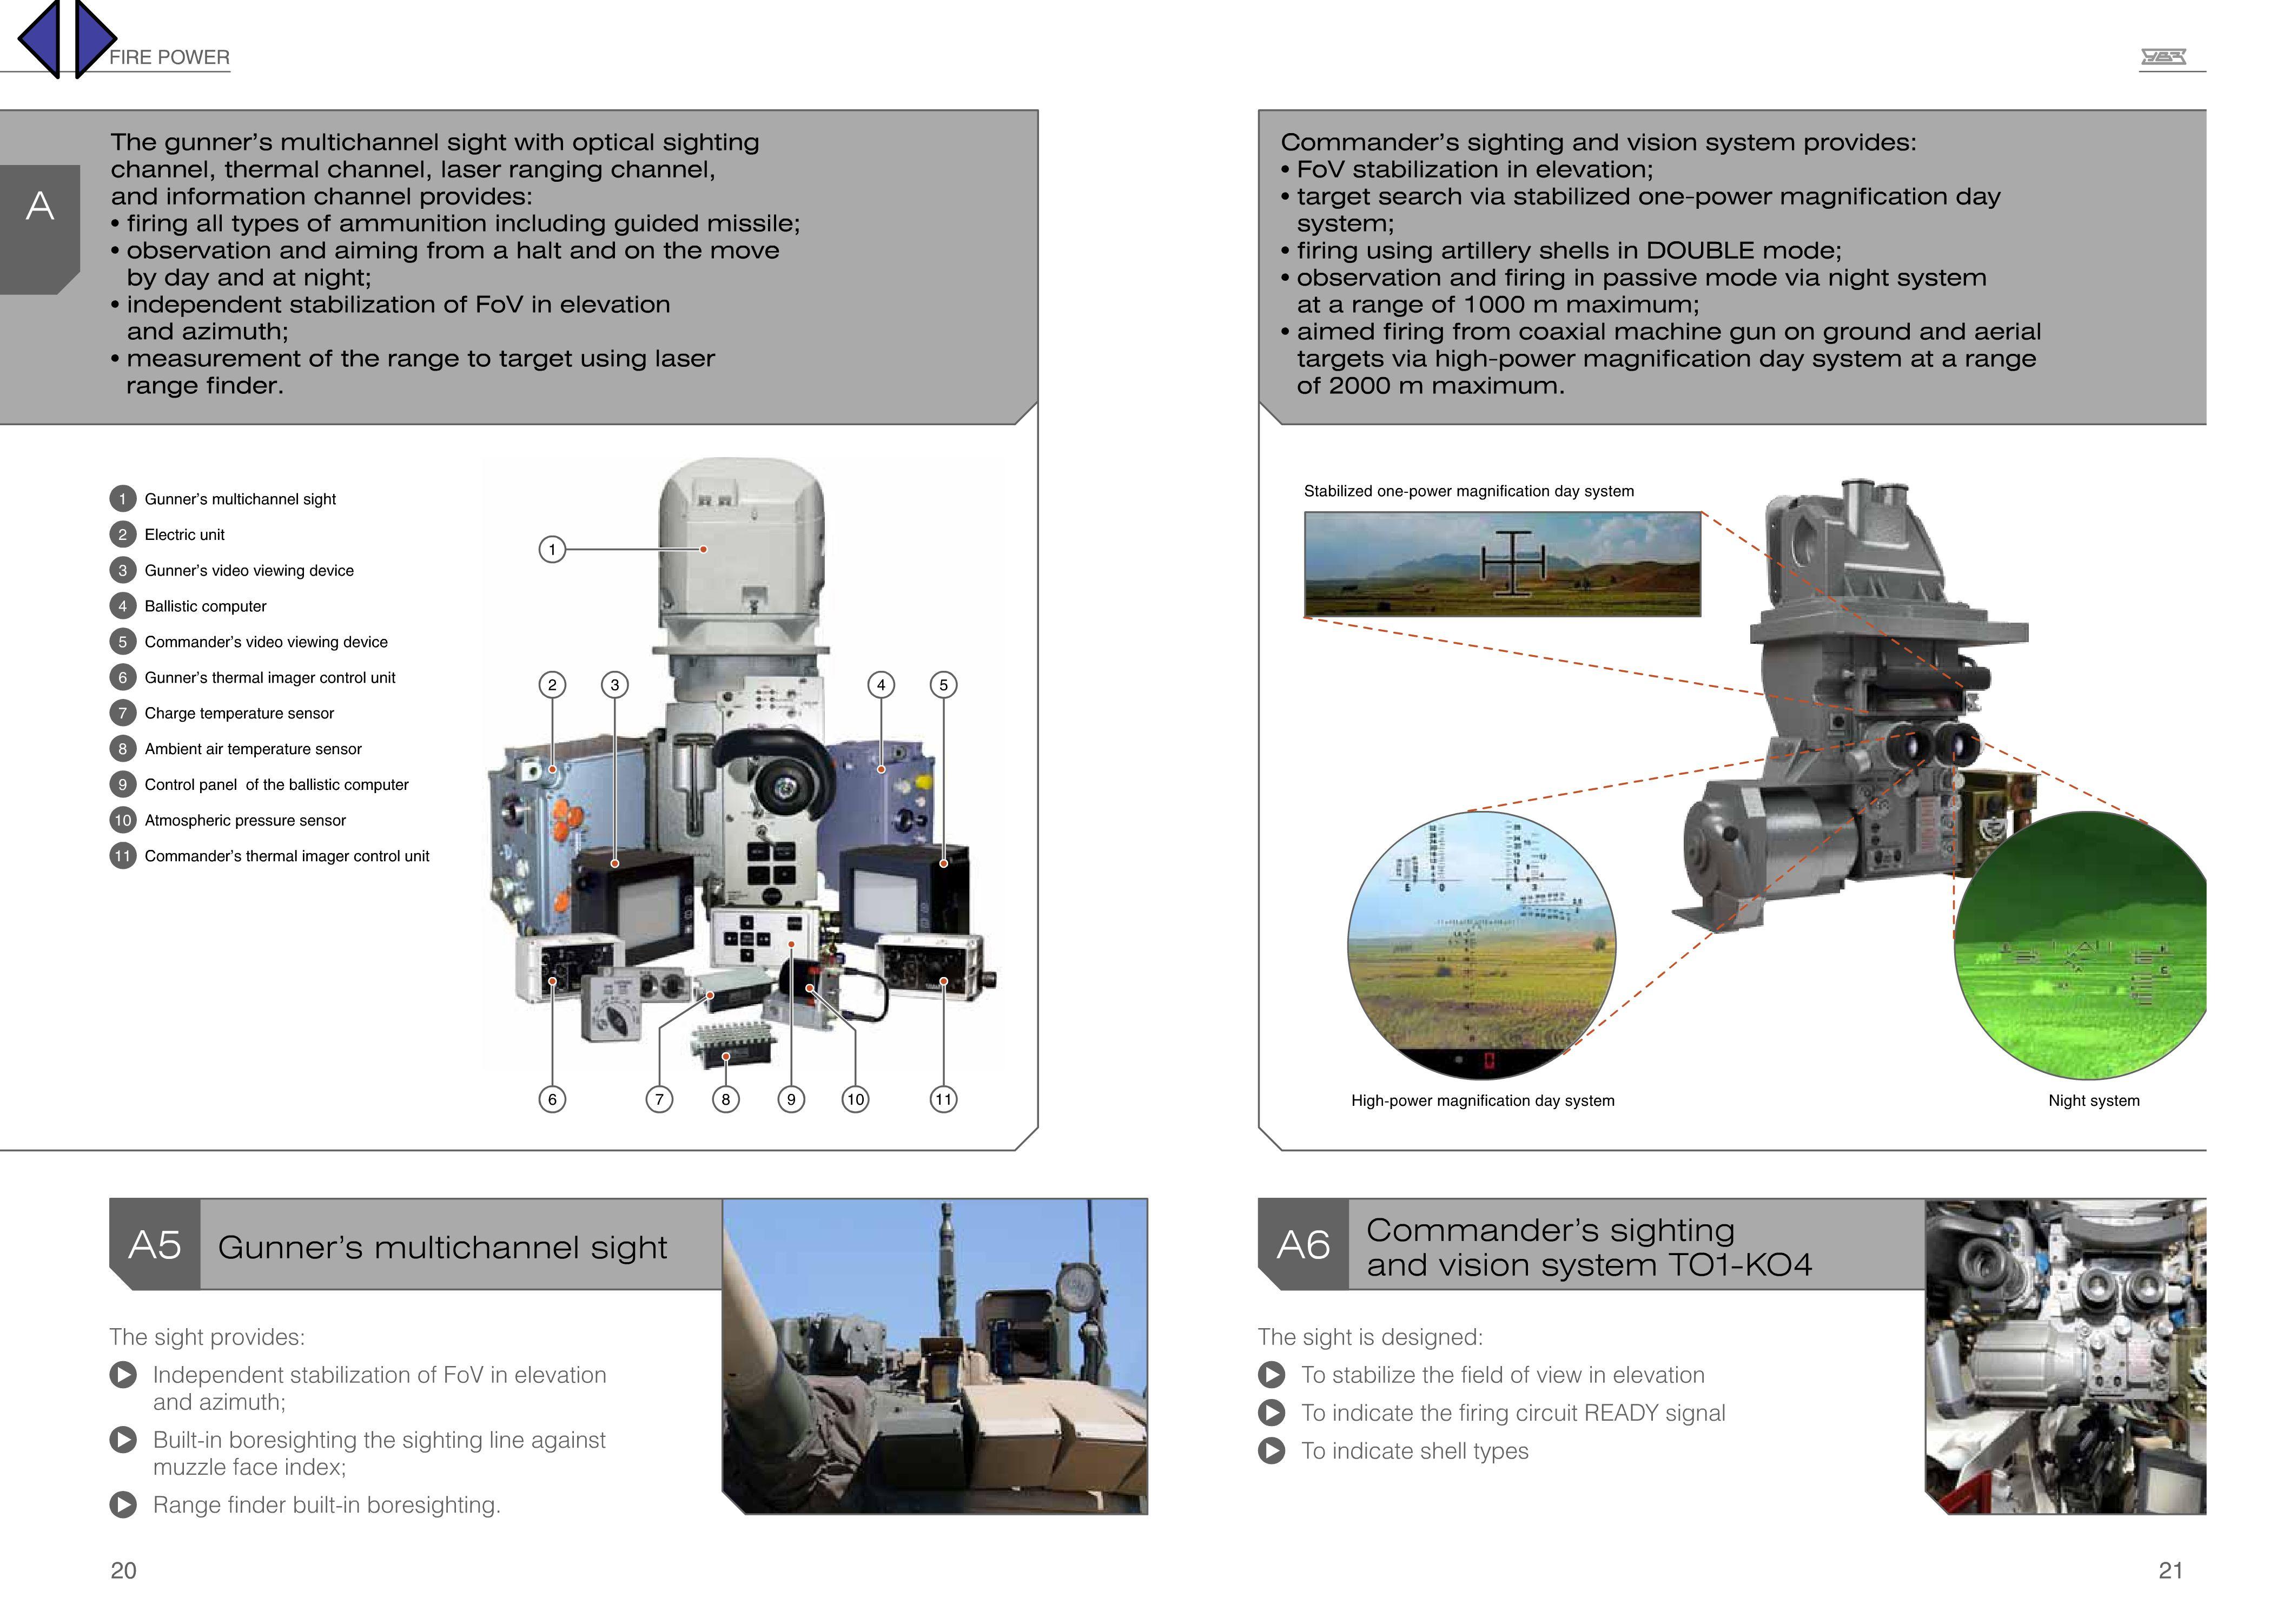 التطوير T-72M1 للجزائر يتفوق على نظيره المقدم للجيش الروسي  754413179